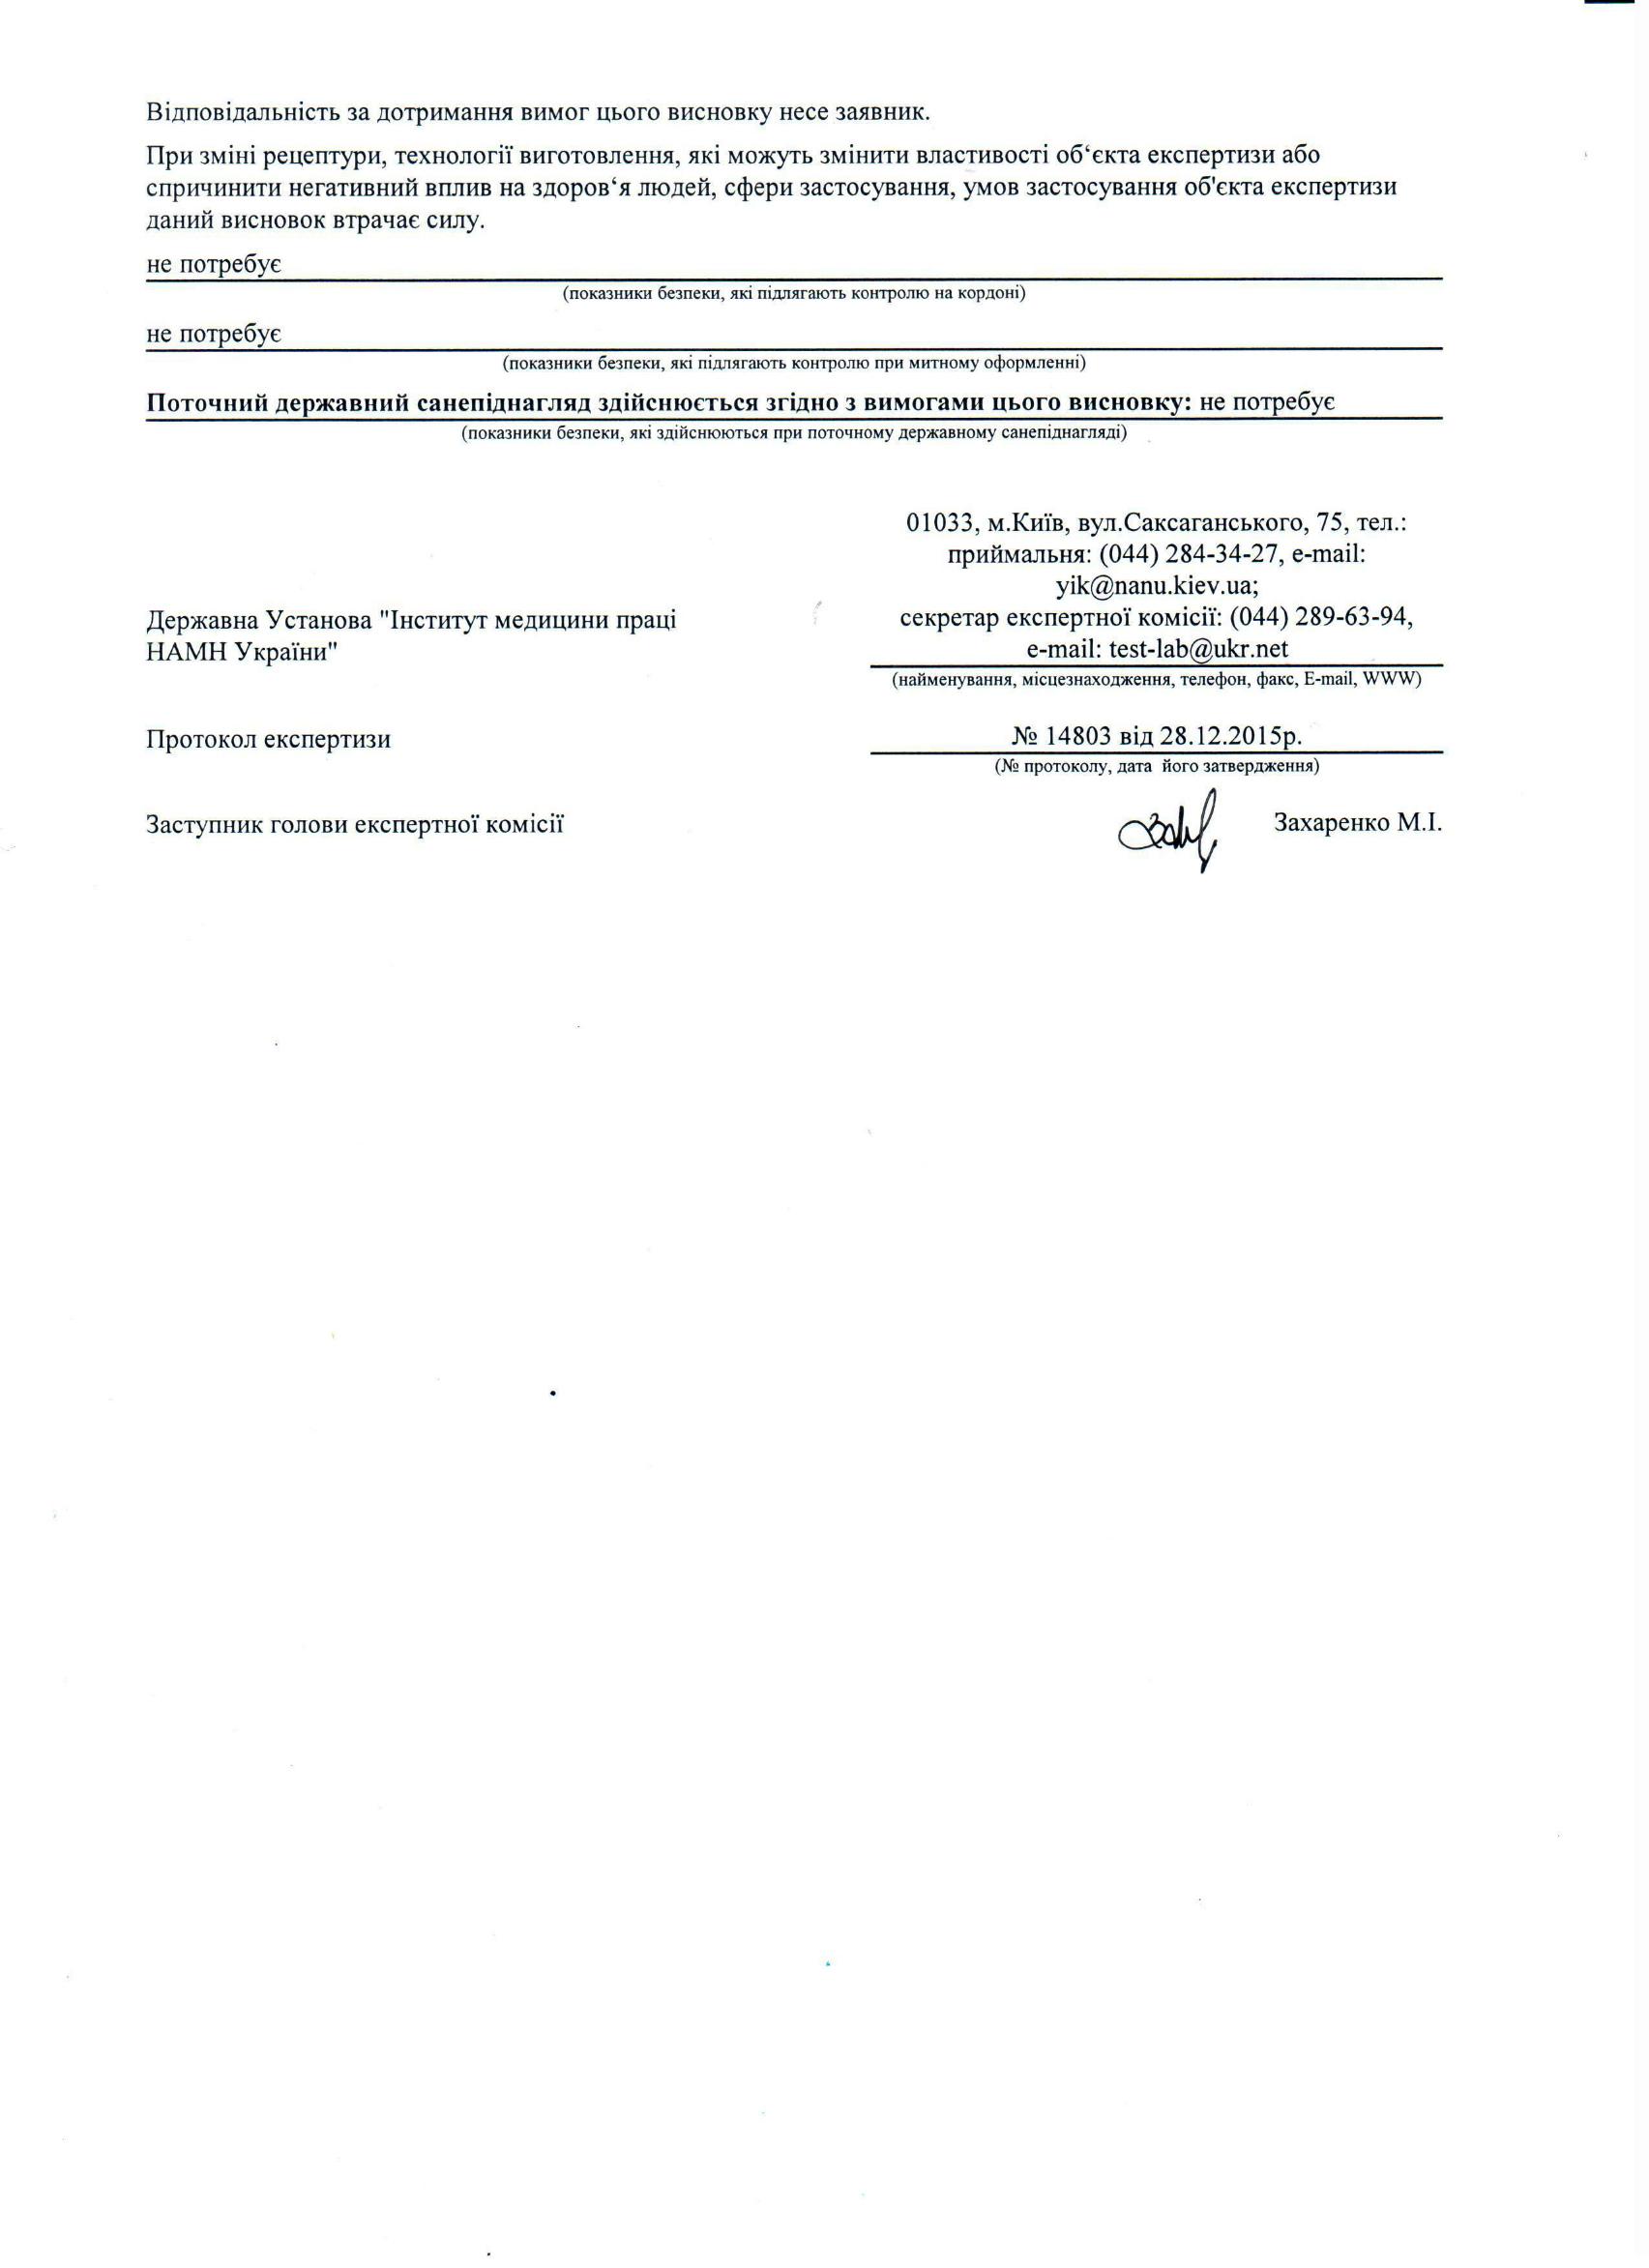 Заключение СЭС на медицинскую мебель